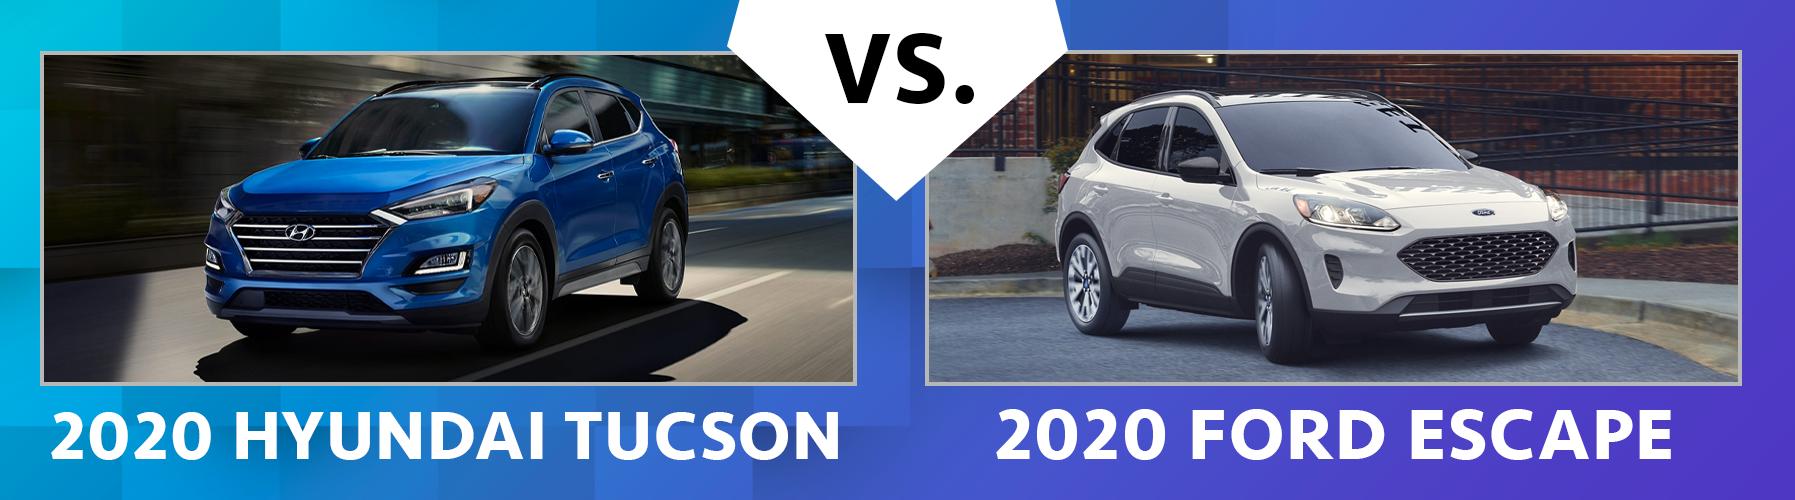 2020 Hyundai Tucson vs 2020 Ford Escape